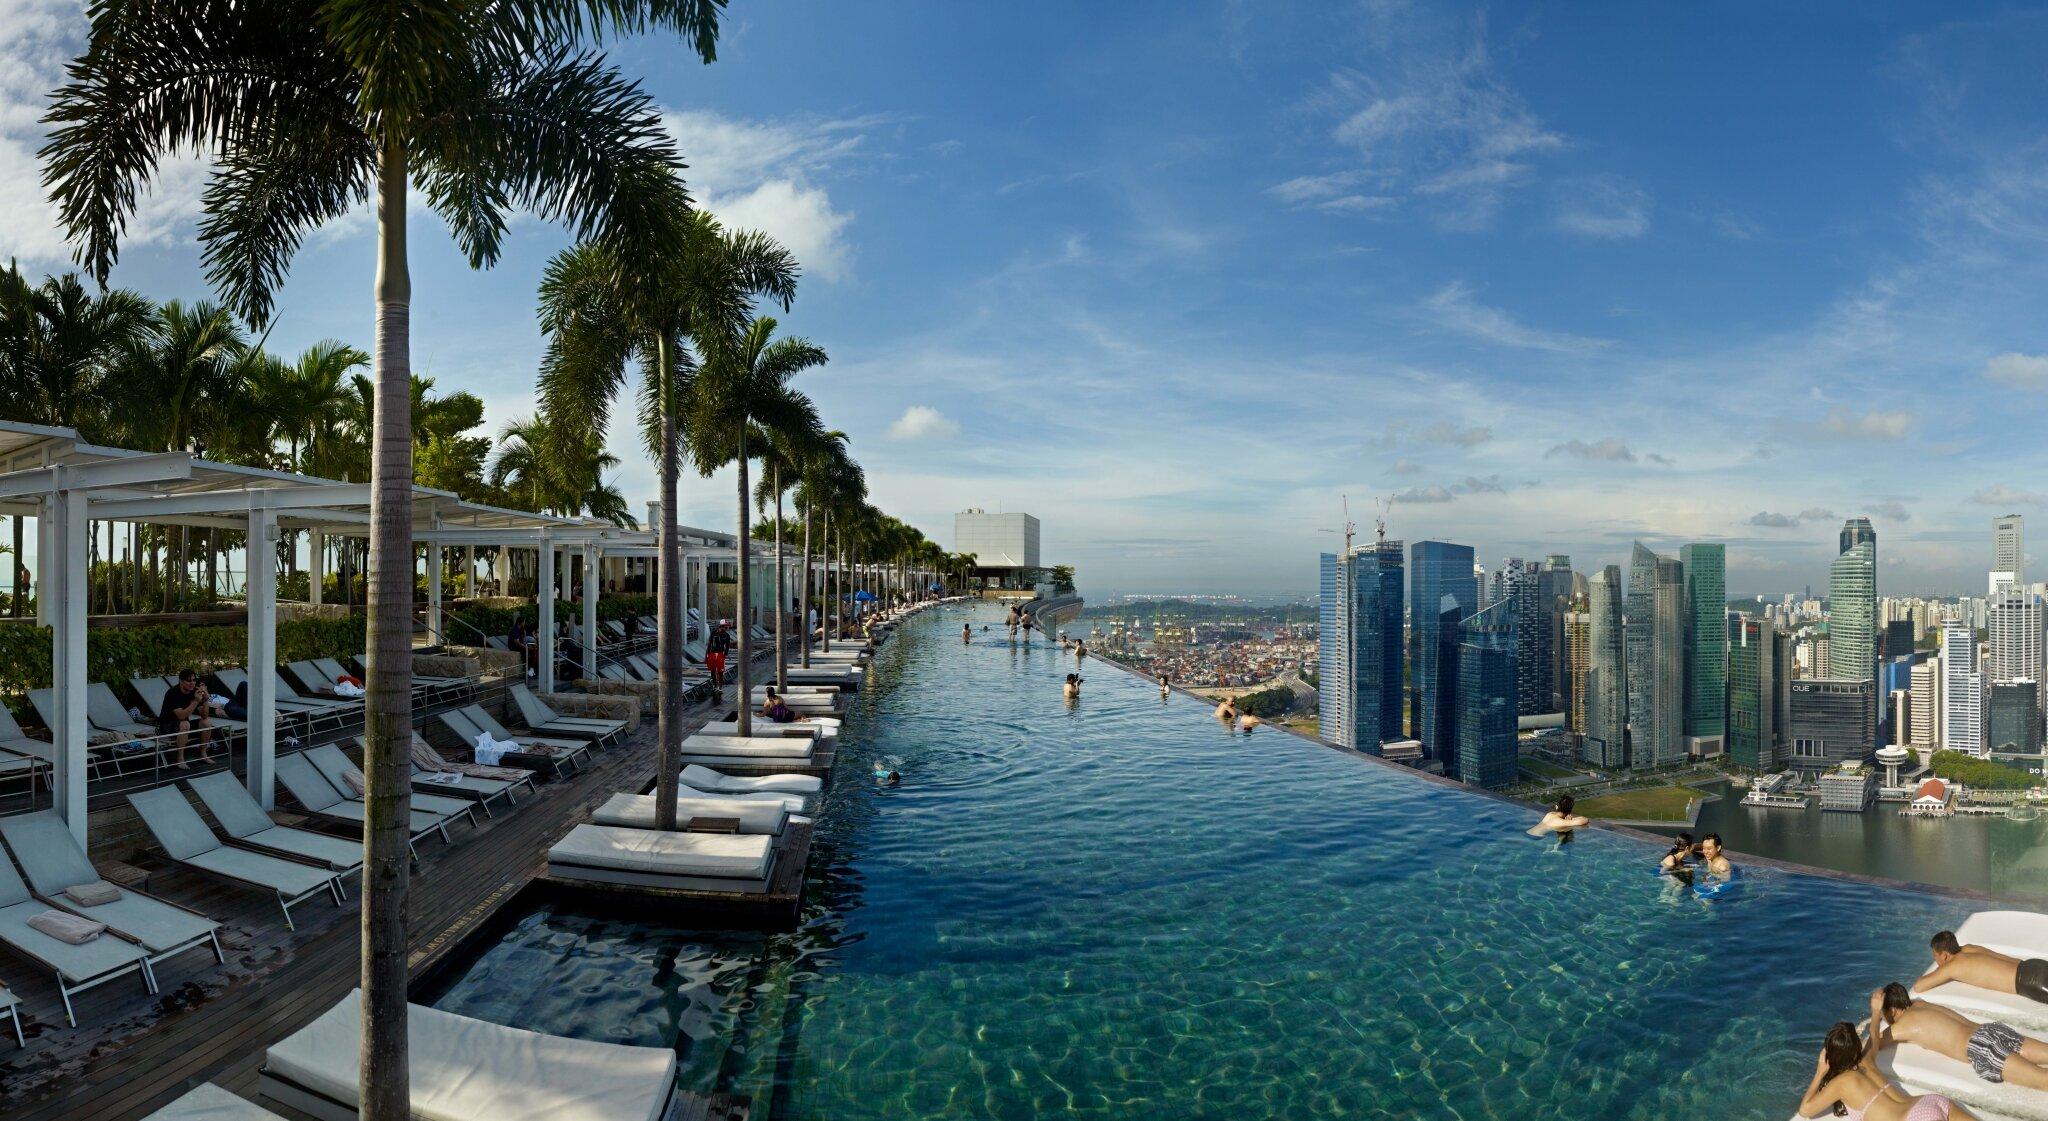 Hôtel Villa Honegg Suisse les piscines les plus originales du monde - sur les piscines